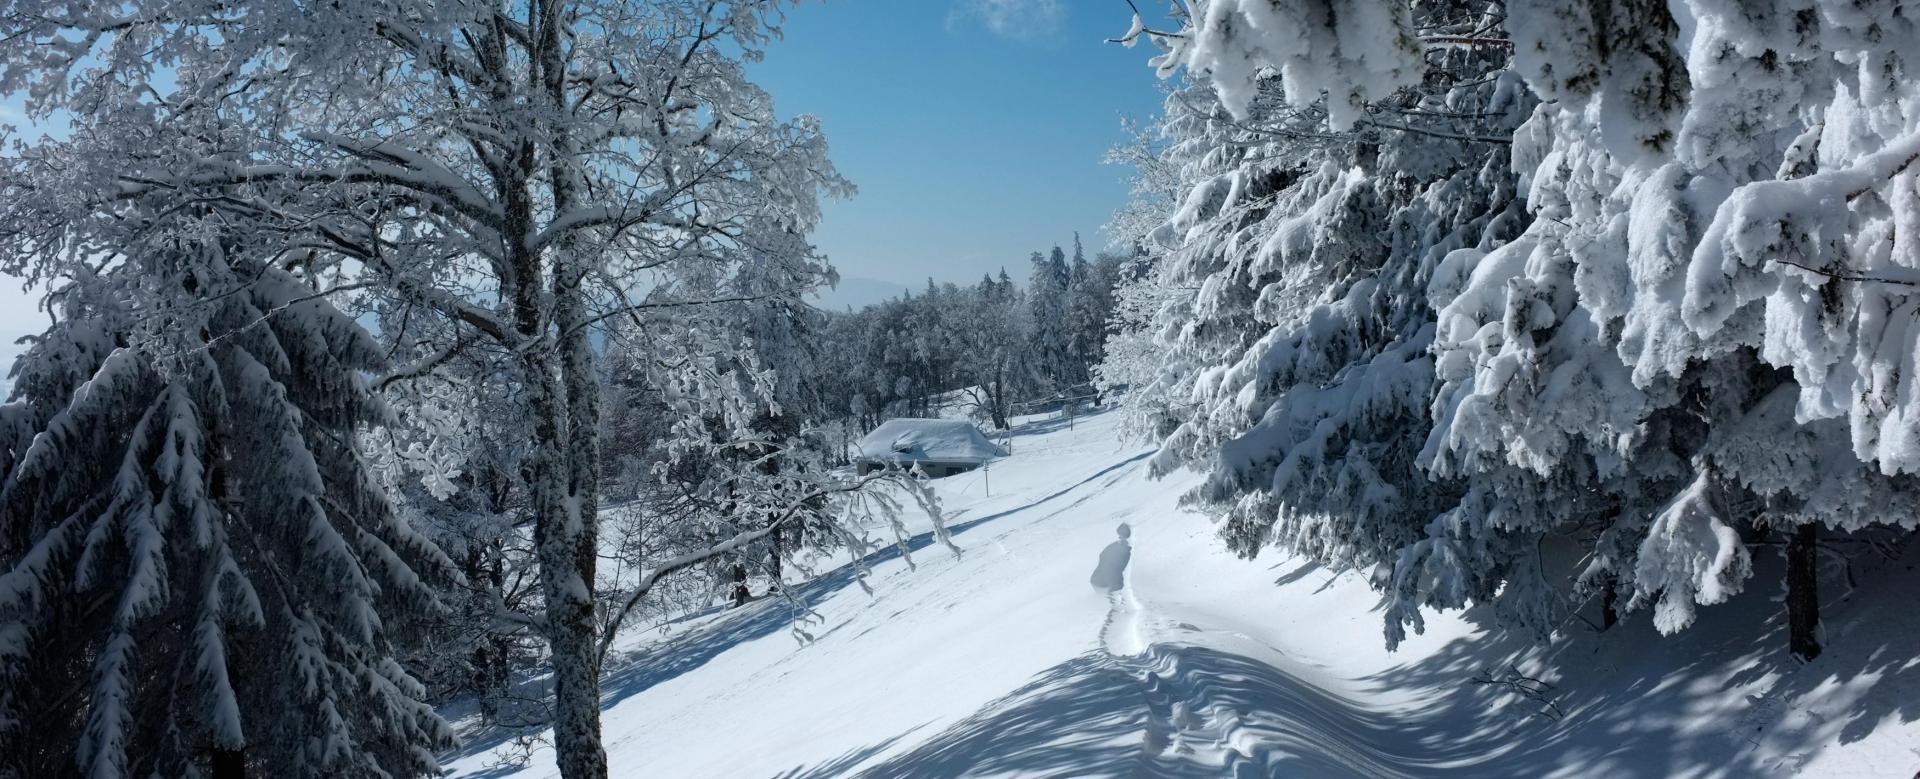 Voyage à la neige : Traversée des crêtes du haut jura